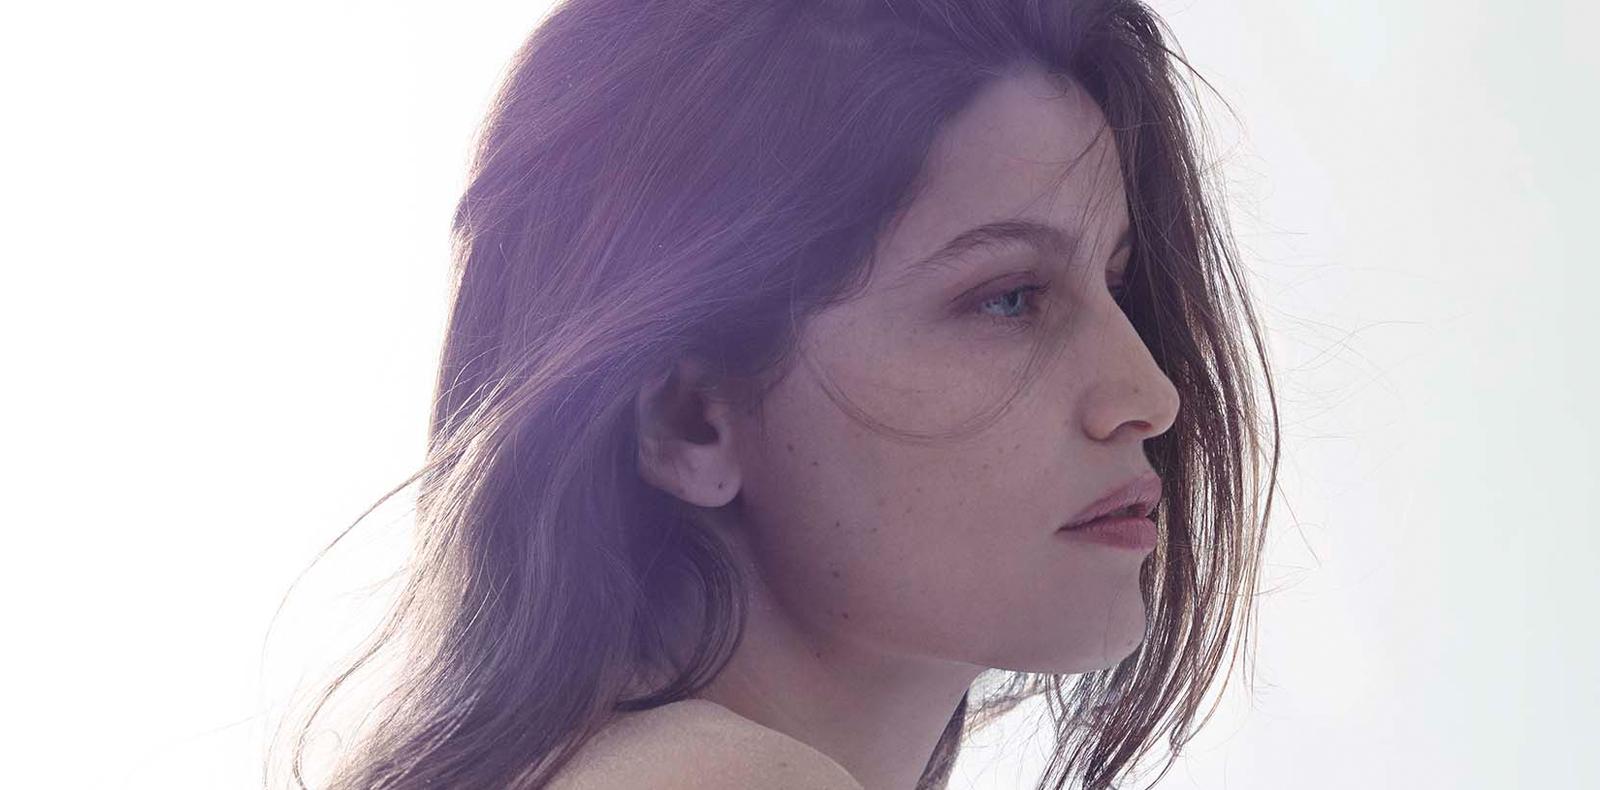 Offrez-vous le portrait de Laetitia Casta par Mondino